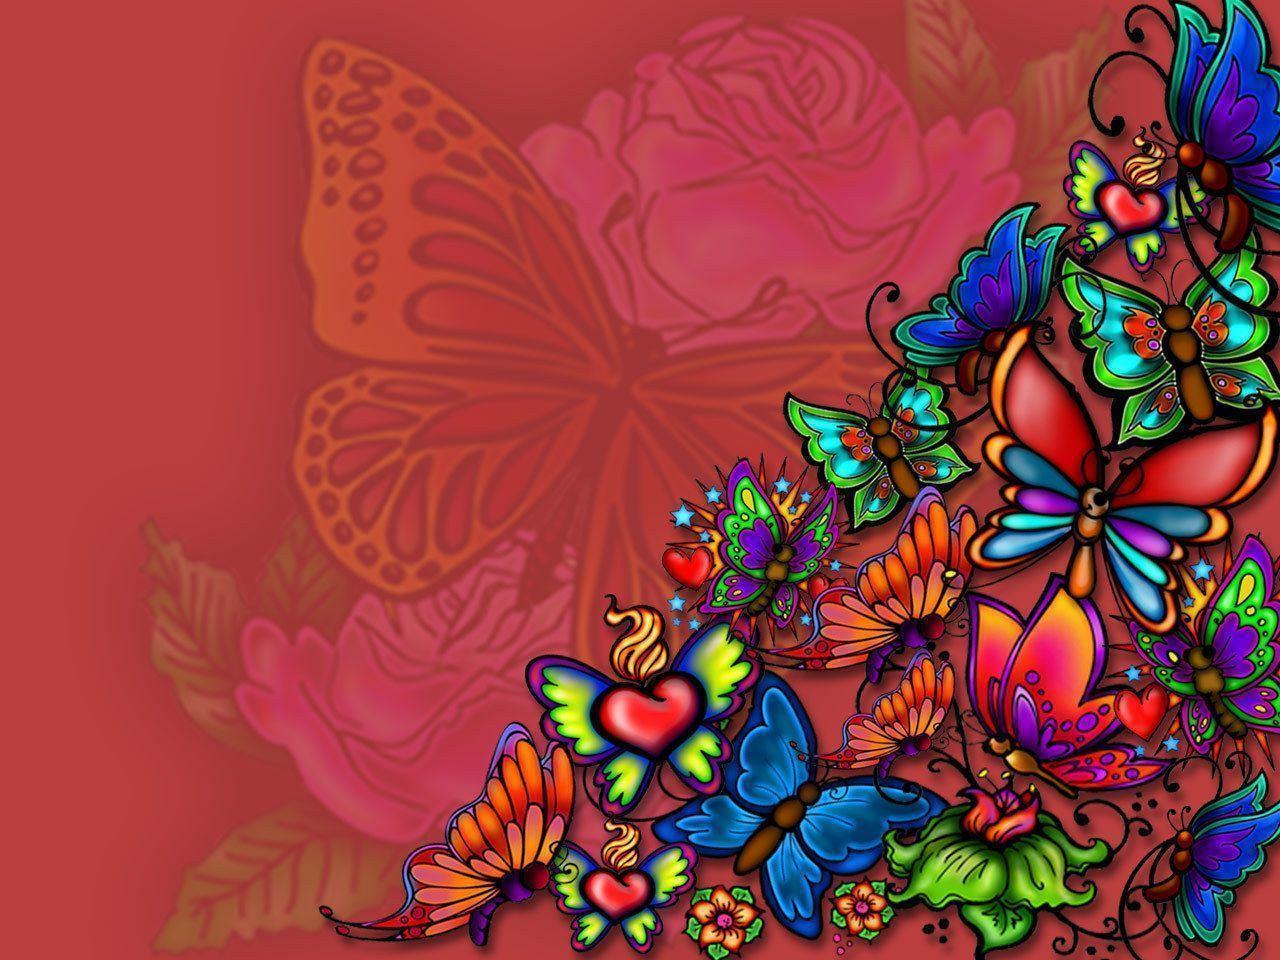 butterflies tattoo - Butterflies Wallpaper (18409603) - Fanpop